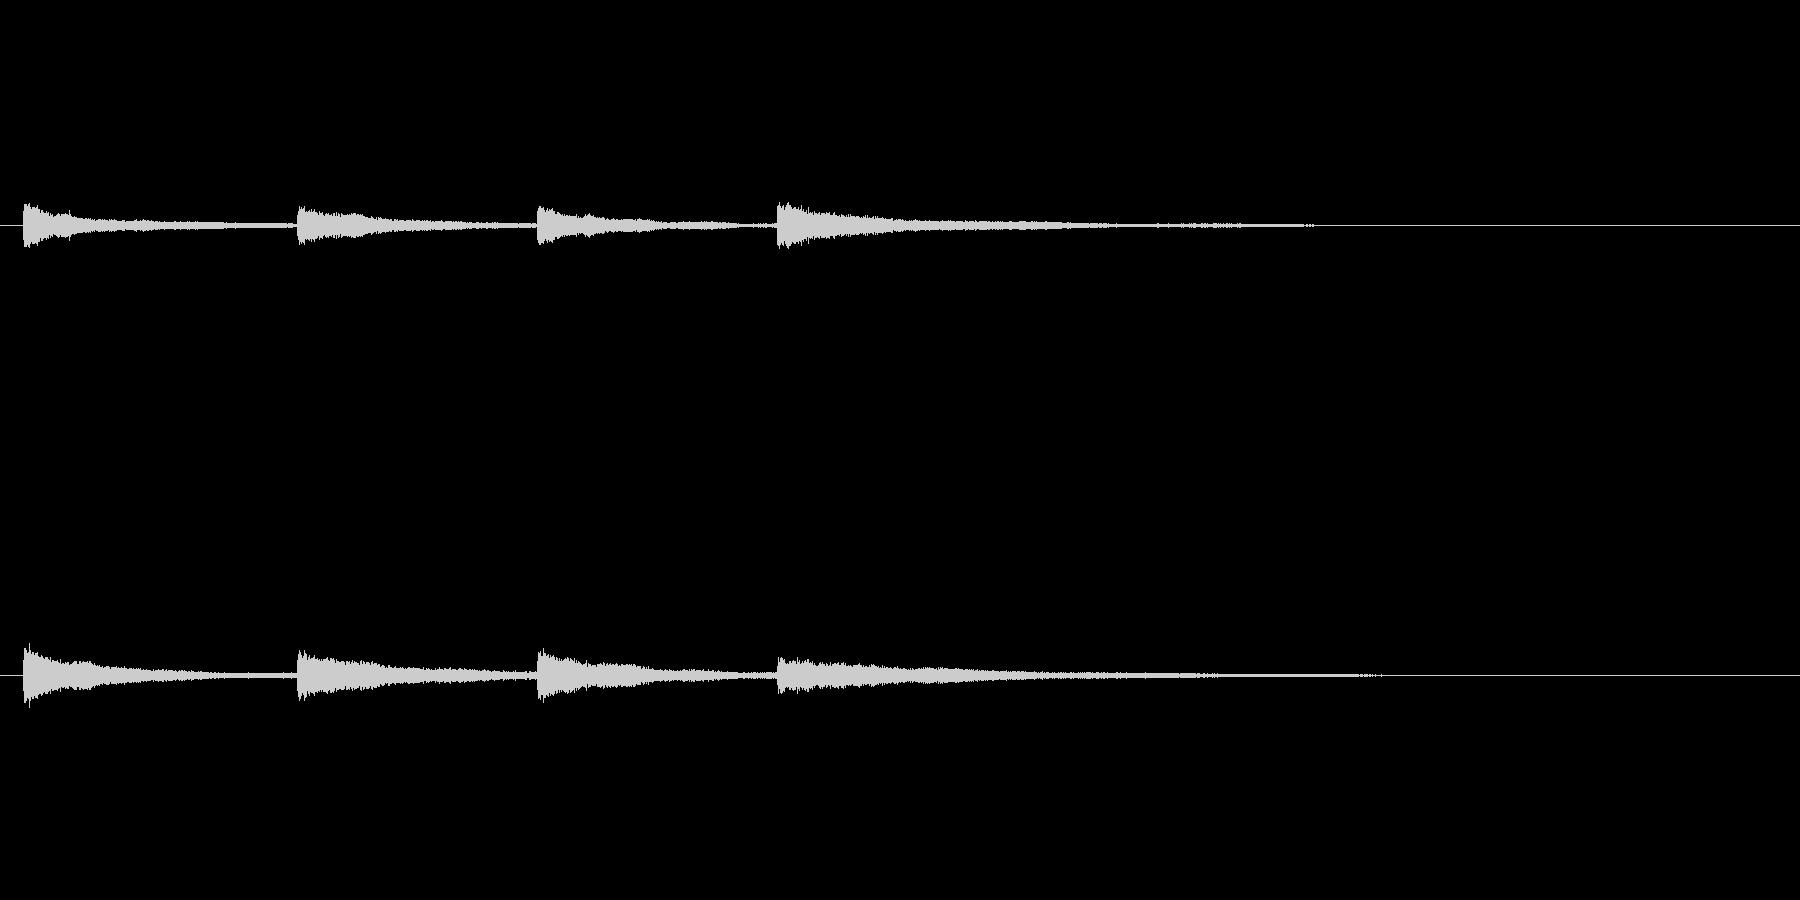 「キンコンカンコン (チャイム)」の未再生の波形